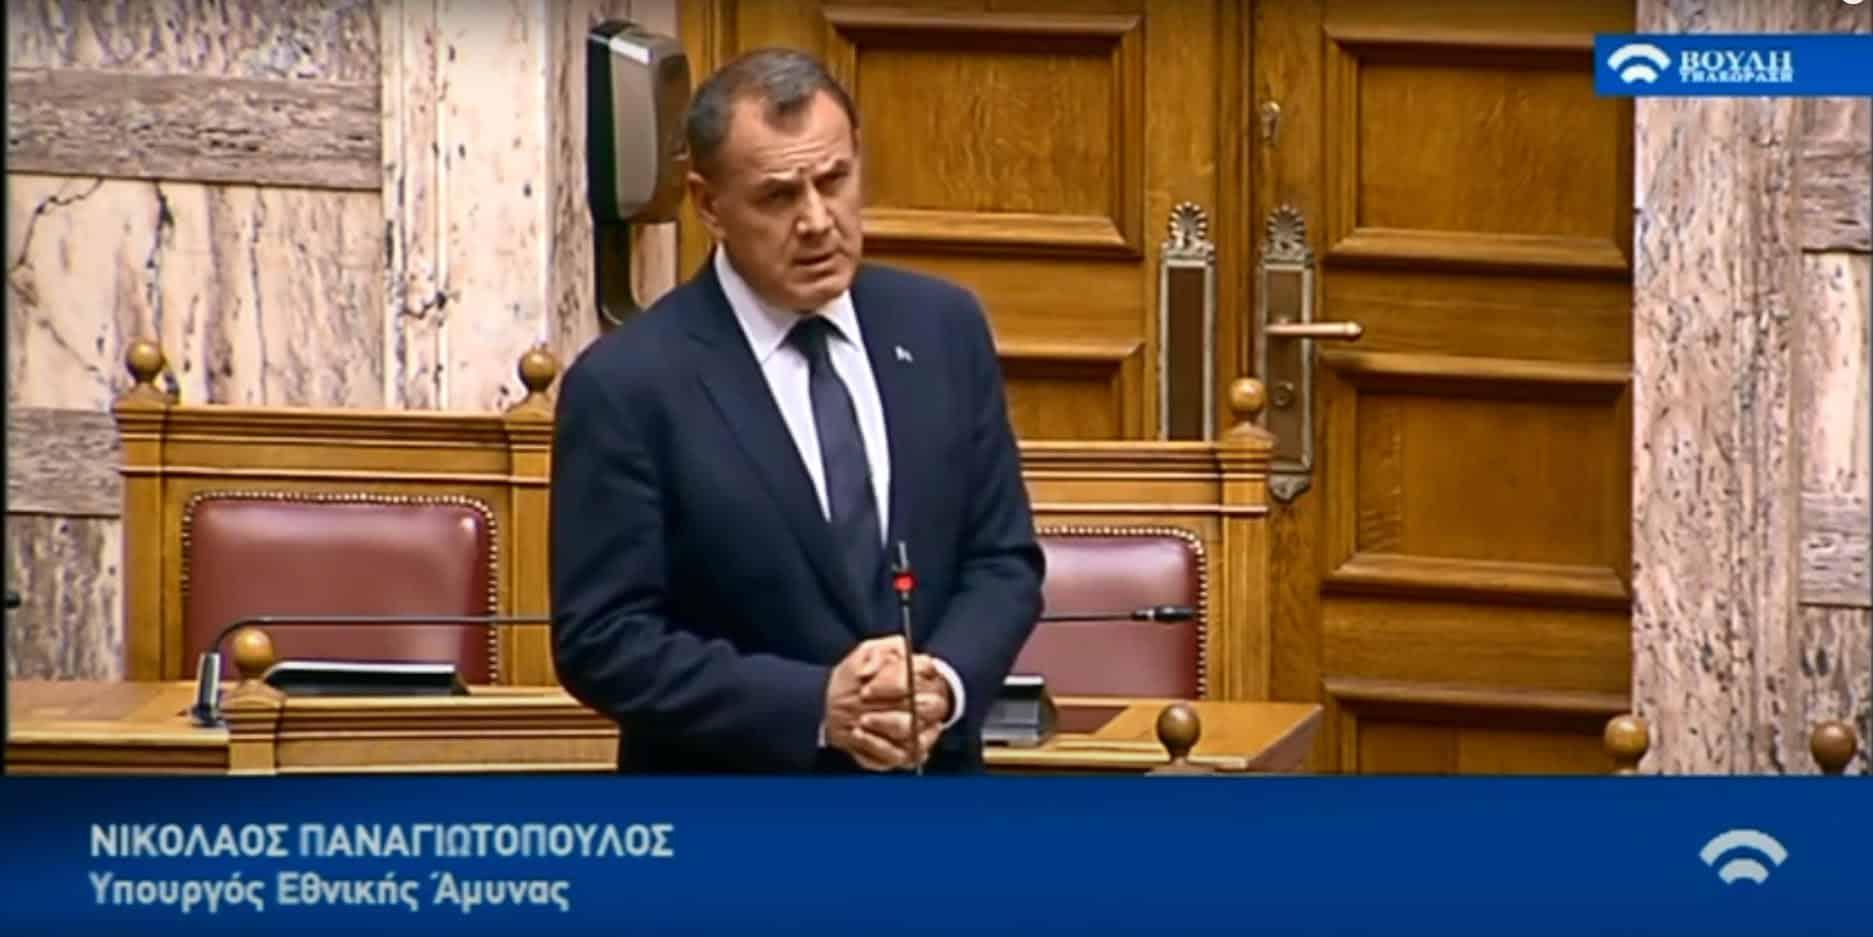 Παναγιωτόπουλος: Από Αύγουστο οι πρώτες συμφωνίες με Ισραήλ